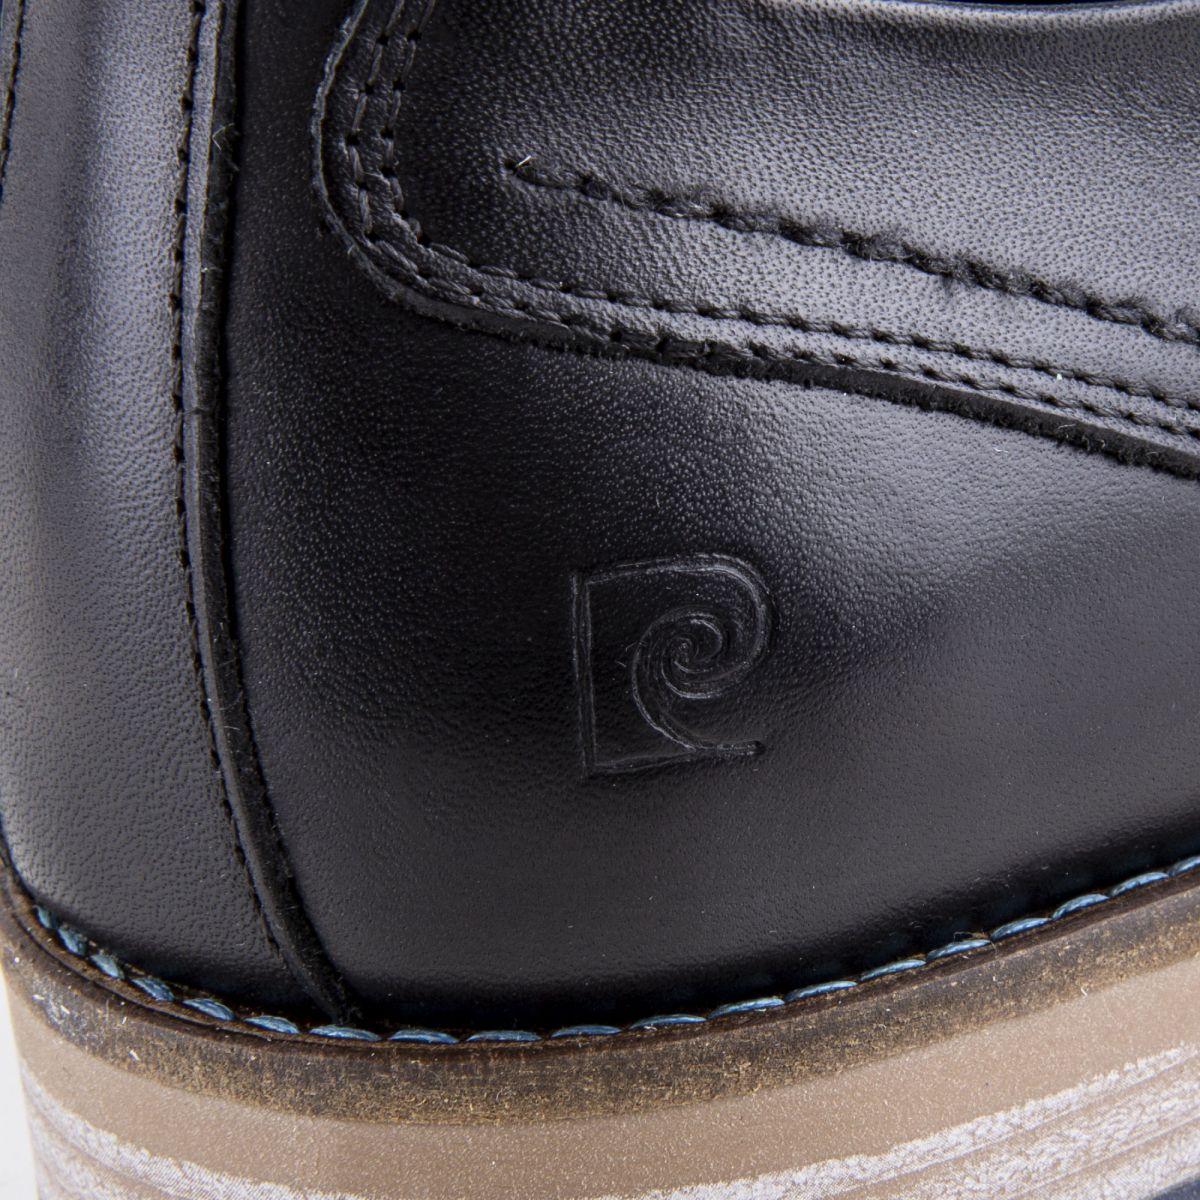 66b5032f897 ... Chaussures derbies noires cuir Homme PIERRE CARDIN marque pas cher prix  dégriffés destockage ...